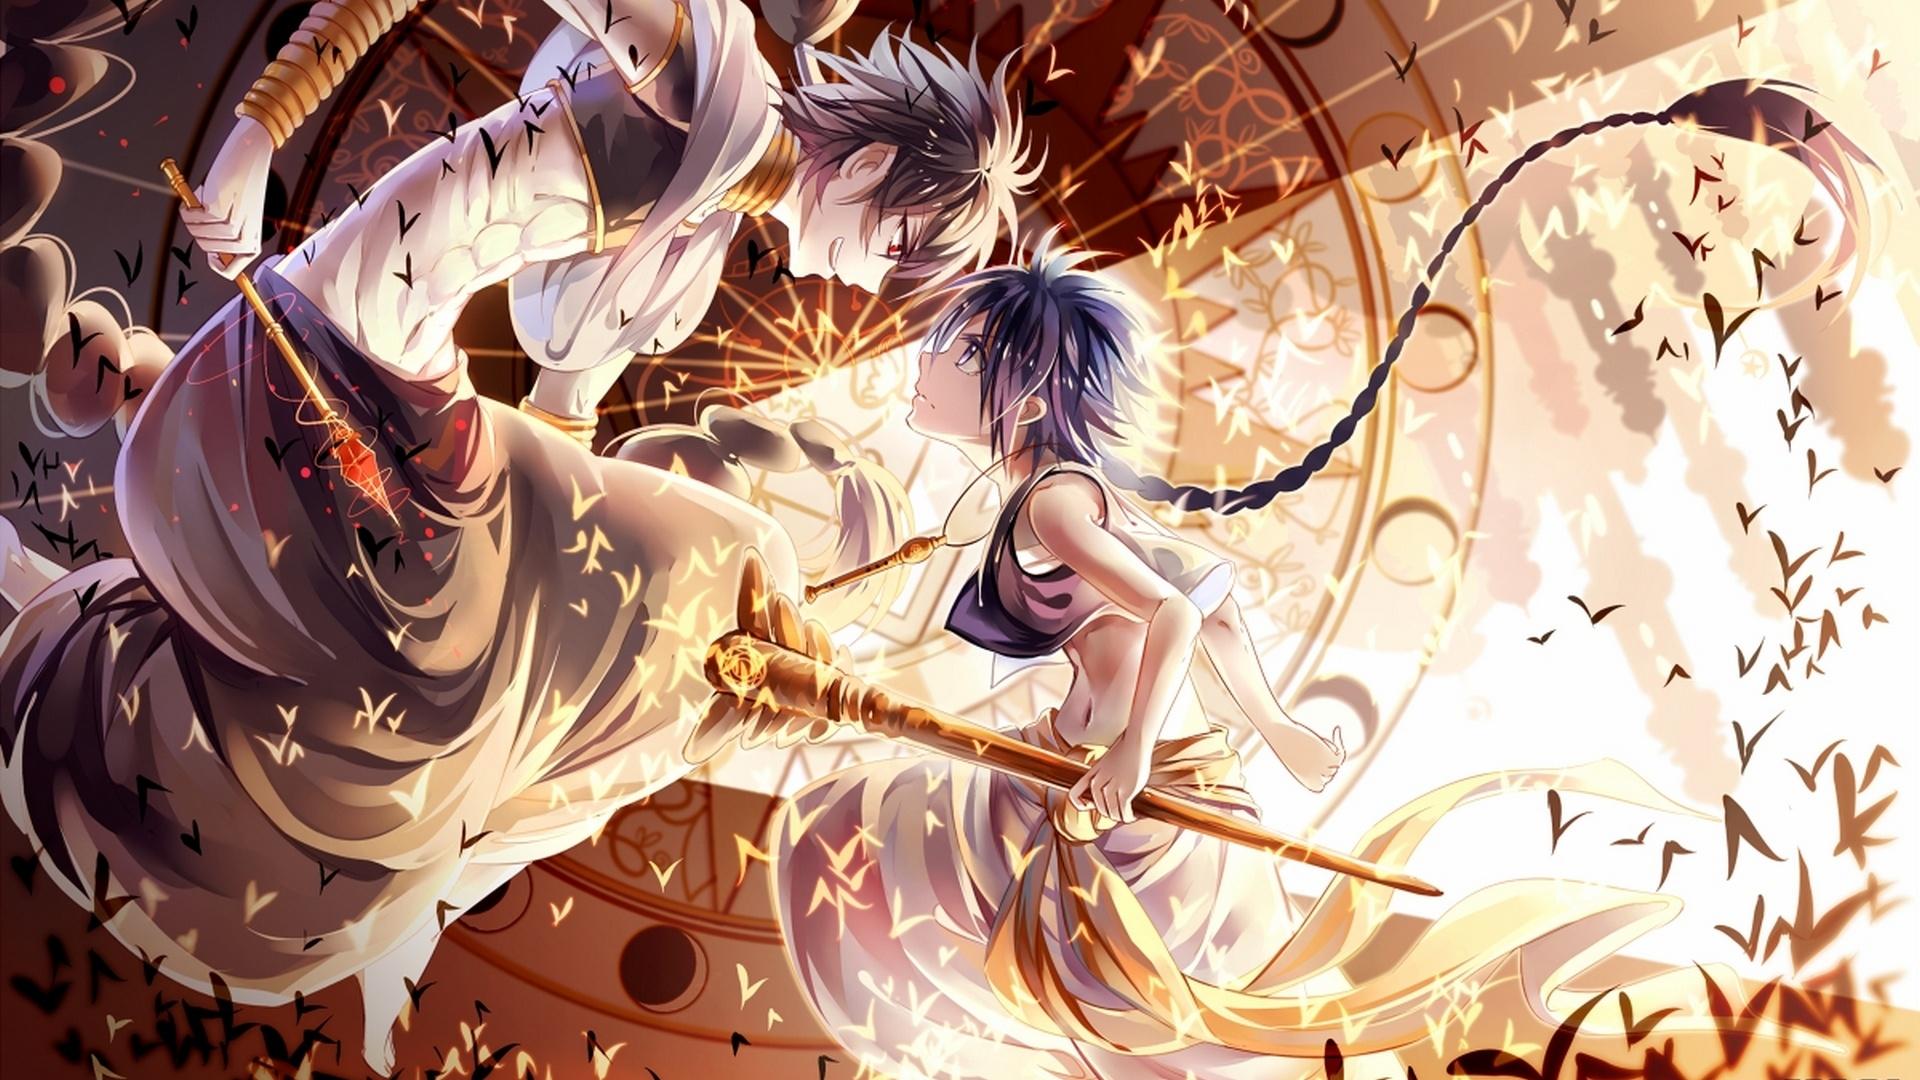 壁紙 1920x1080 マギ 漫画 戦闘 魔術 Judal Aladdin Magi